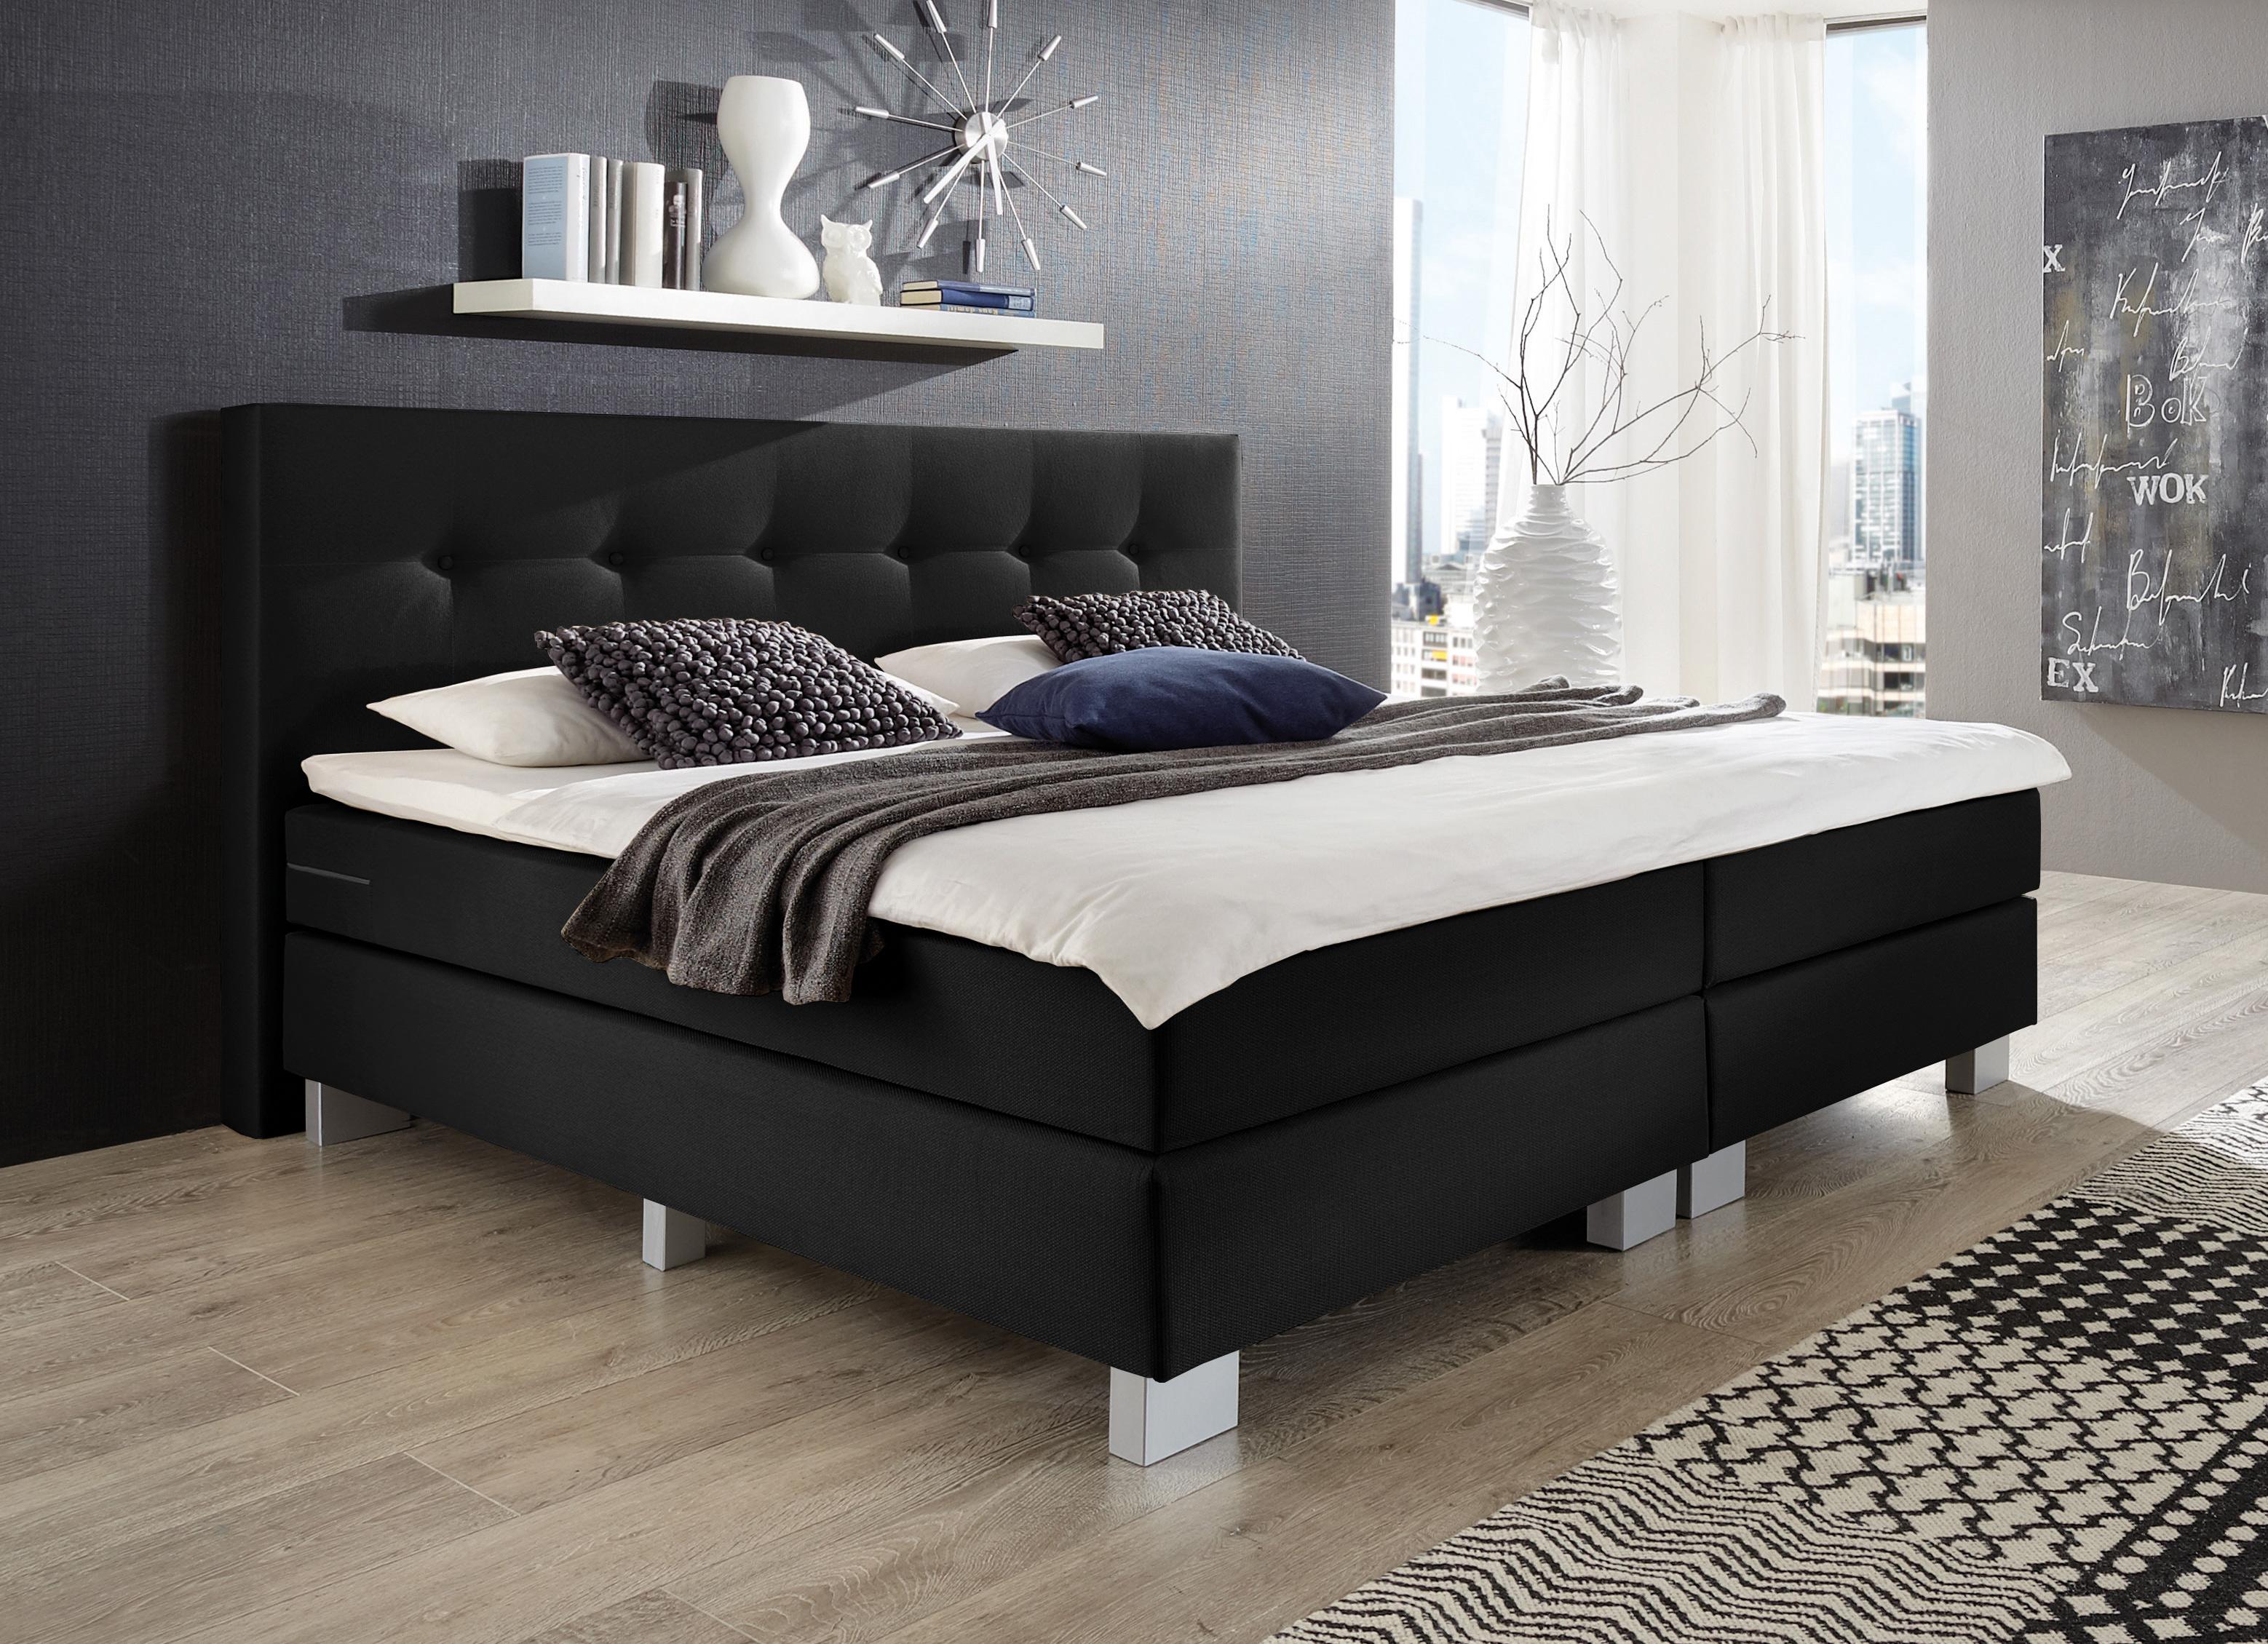 napco boxspringbett schwarz modell allround m bel letz ihr online shop. Black Bedroom Furniture Sets. Home Design Ideas